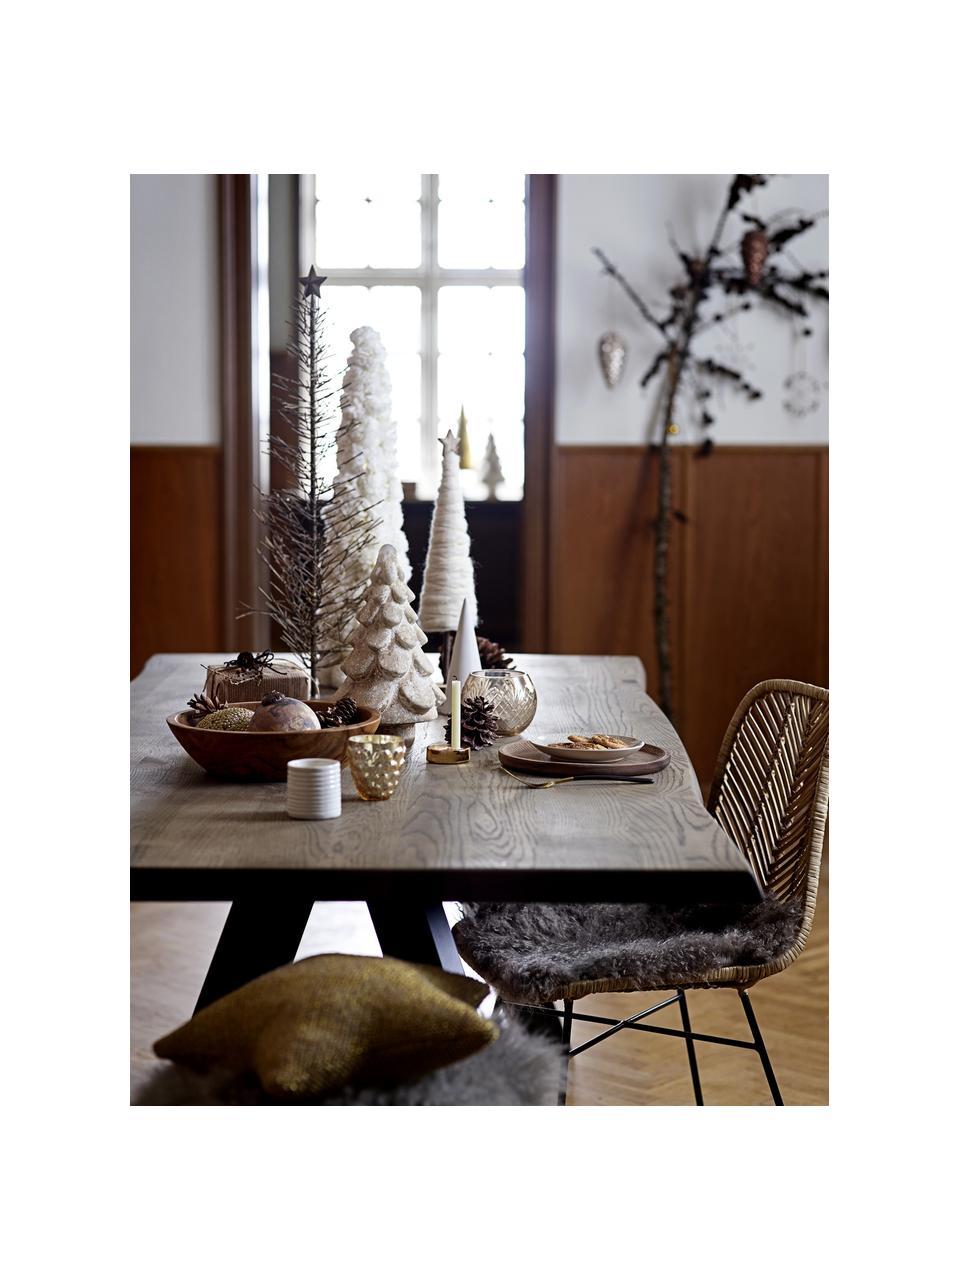 Teelichthalter-Set Sara, 4-tlg., Steingut, Weiß, Ø 7 x H 7 cm